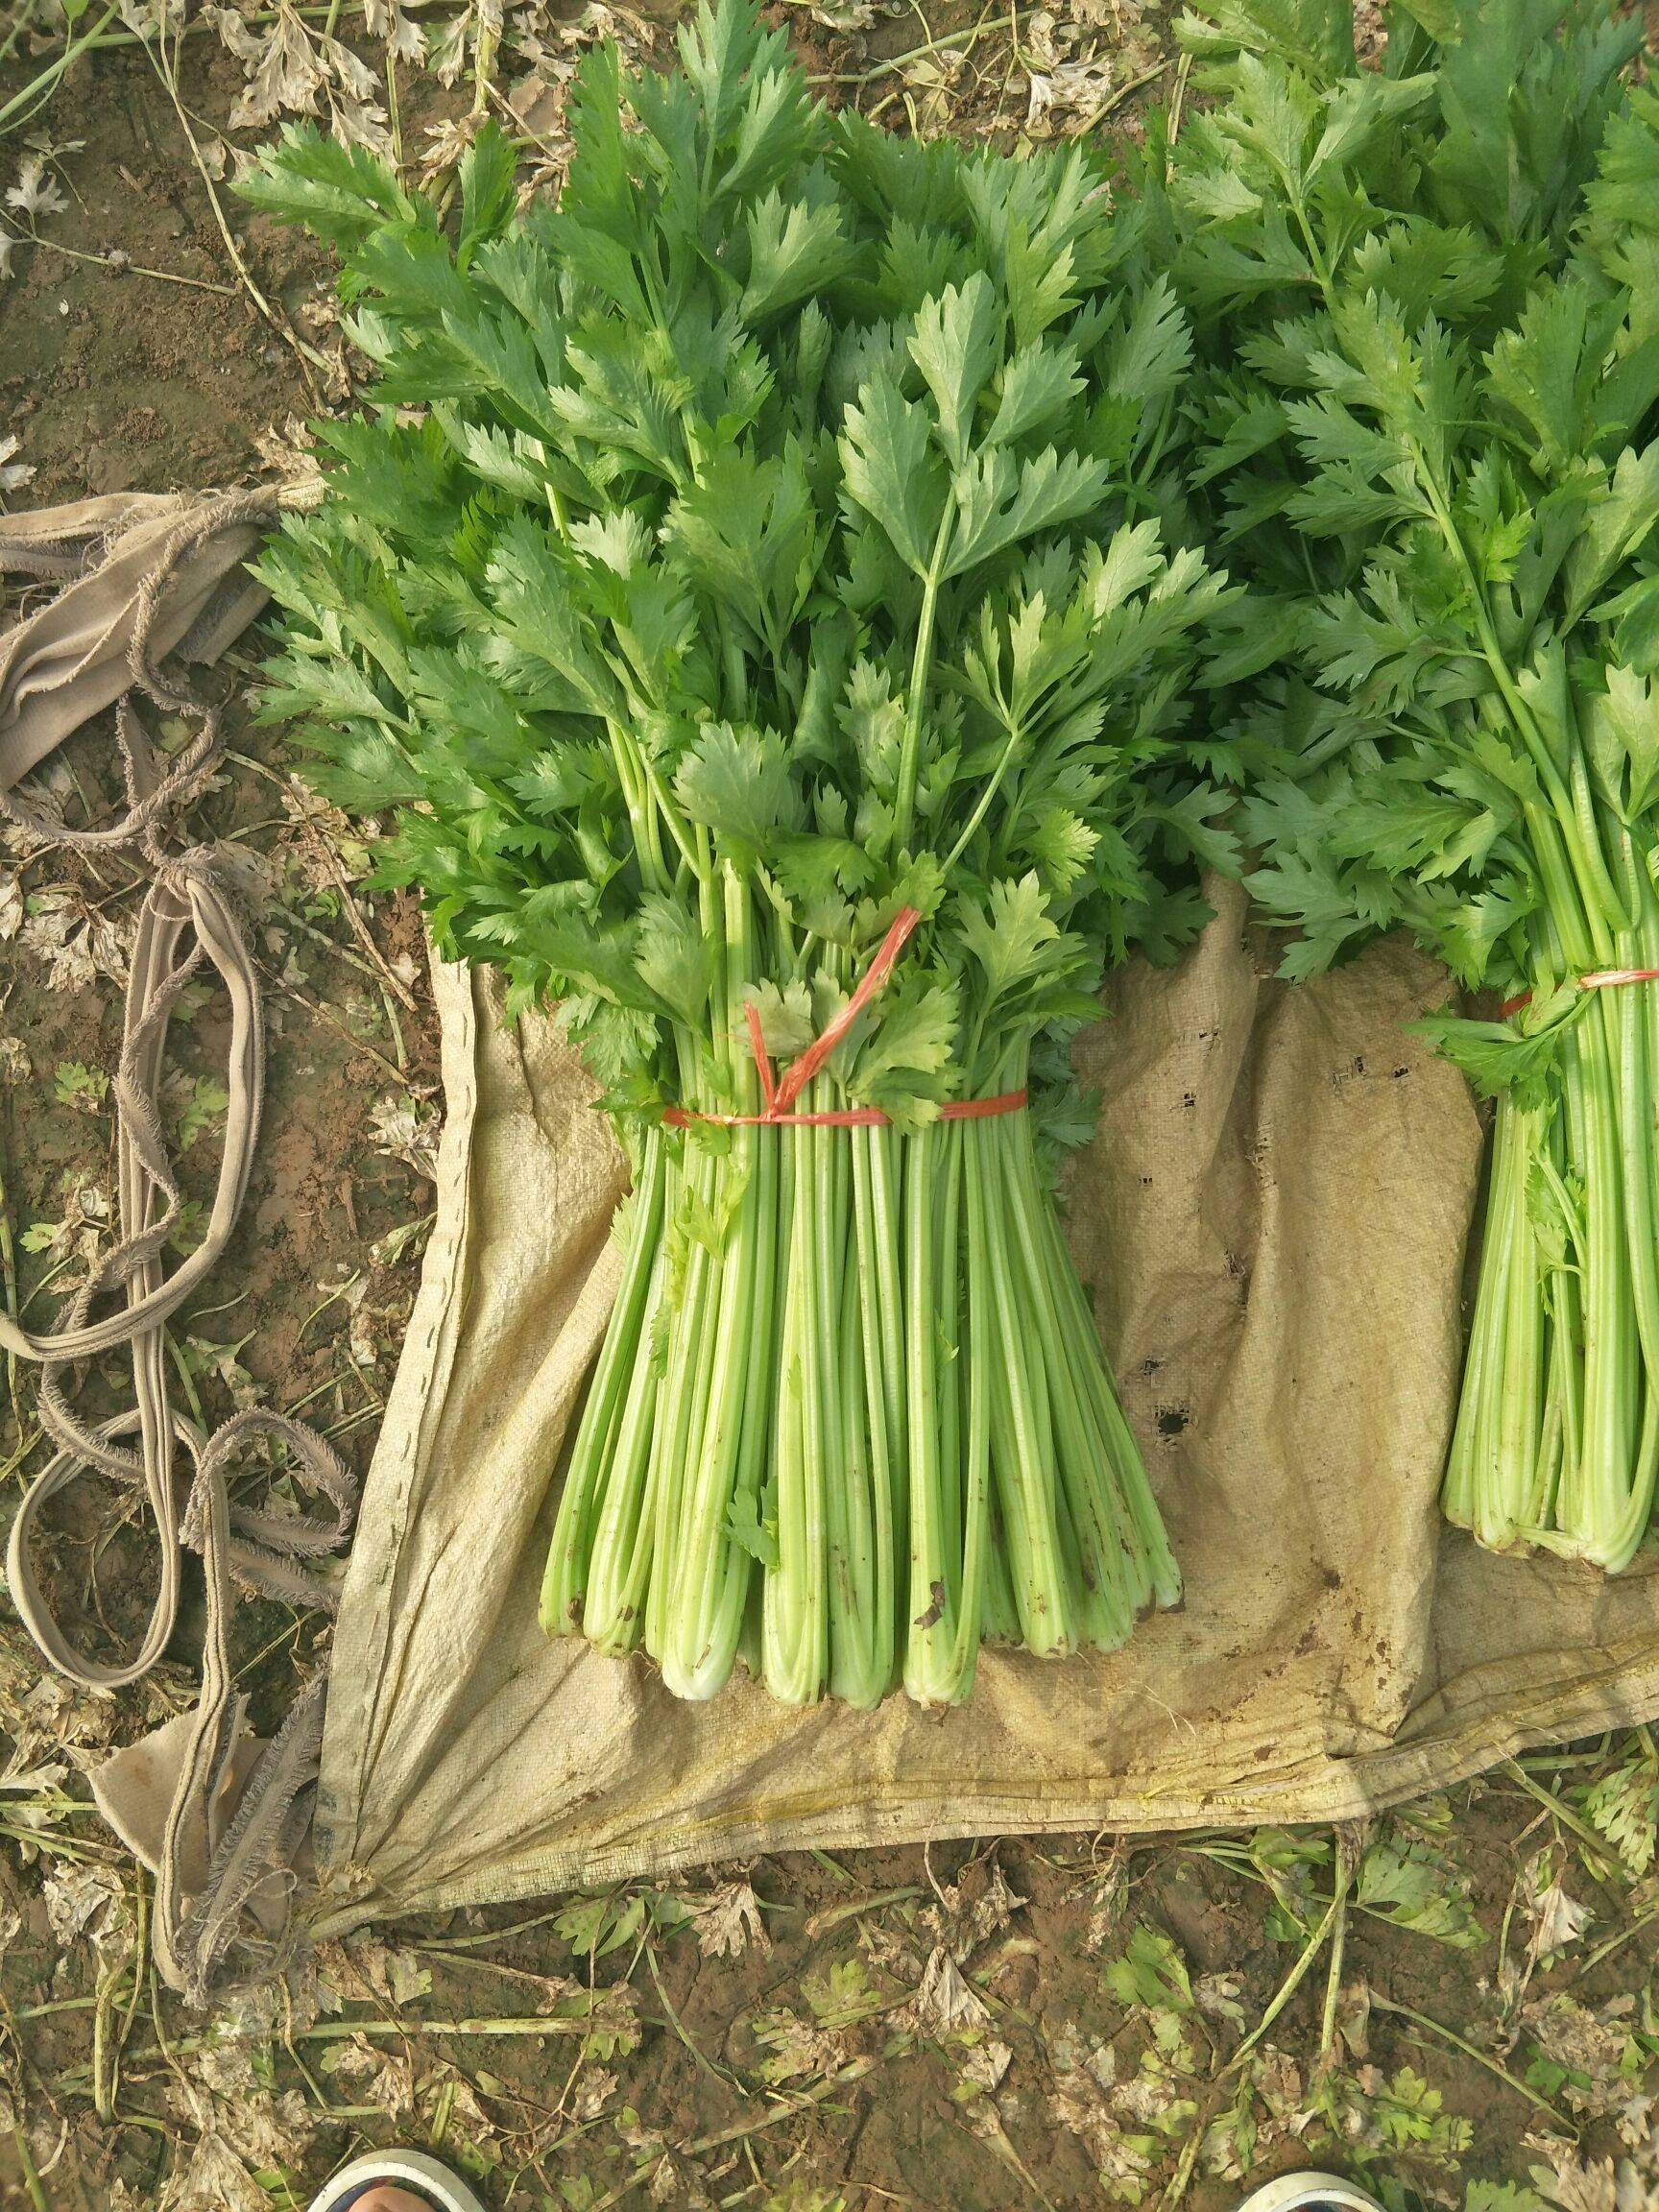 西芹 60cm以上 0.5~1.0斤 大棚种植